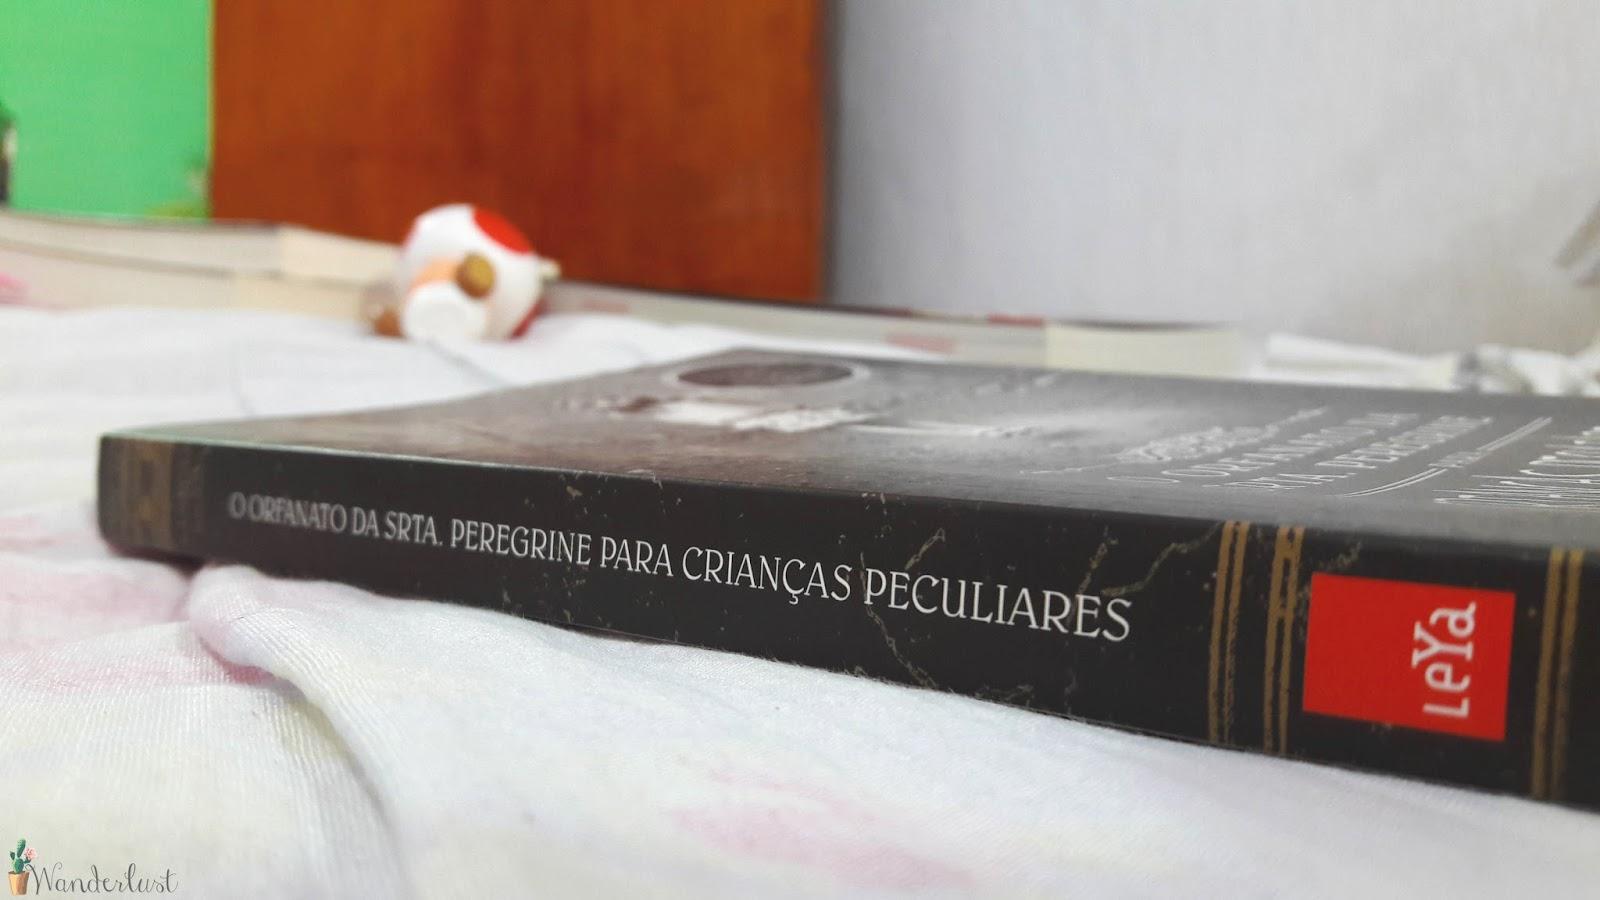 leituras, micaela ramos, livro, fotografia, o lar das crianças peculiares, o orfanato da srta peregrine para crianças peculiares, ransom riggs,